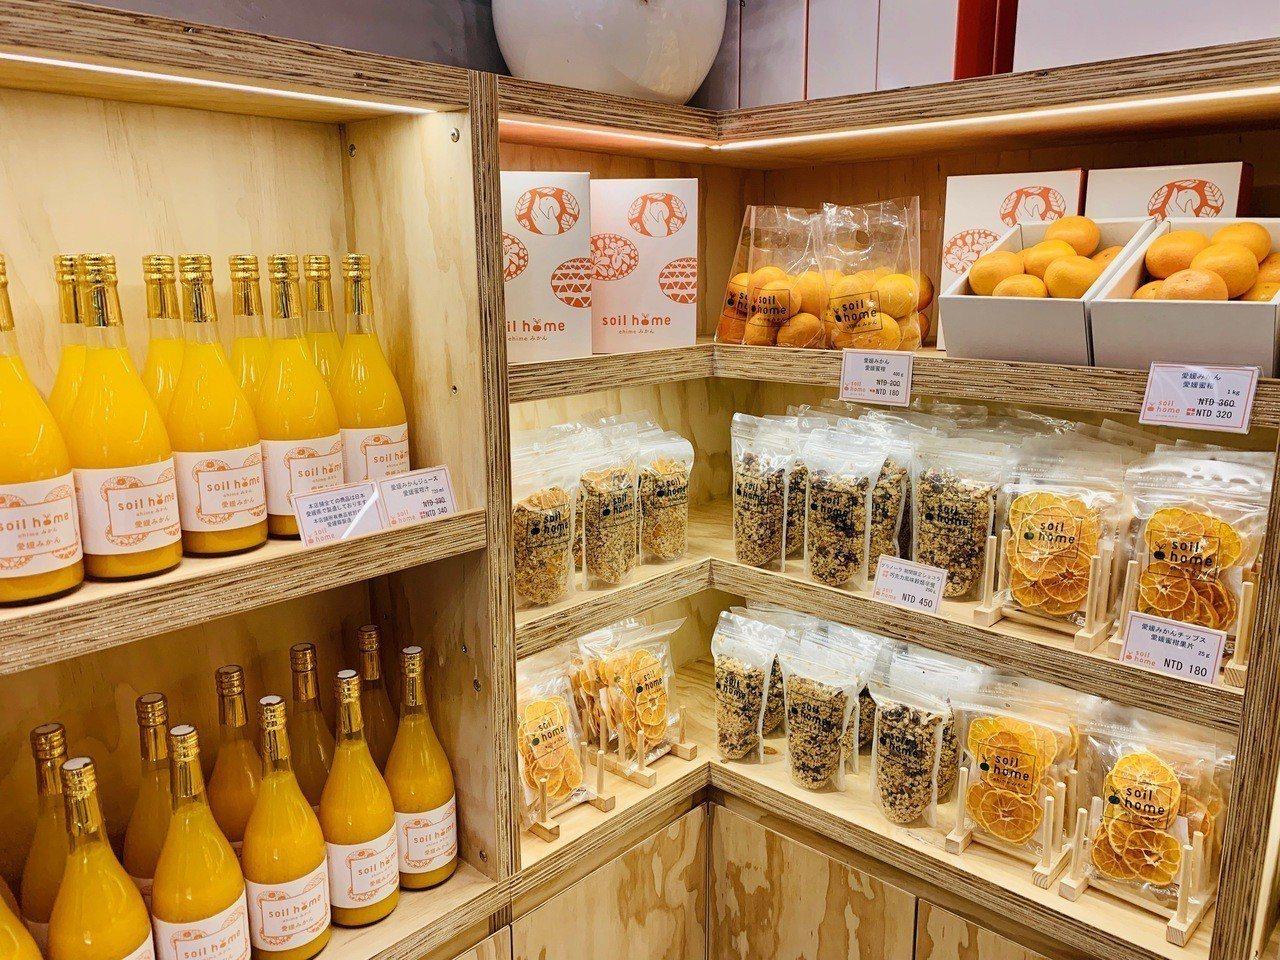 soil home ehime販售來自日本愛媛蜜柑商品。記者張芳瑜/攝影